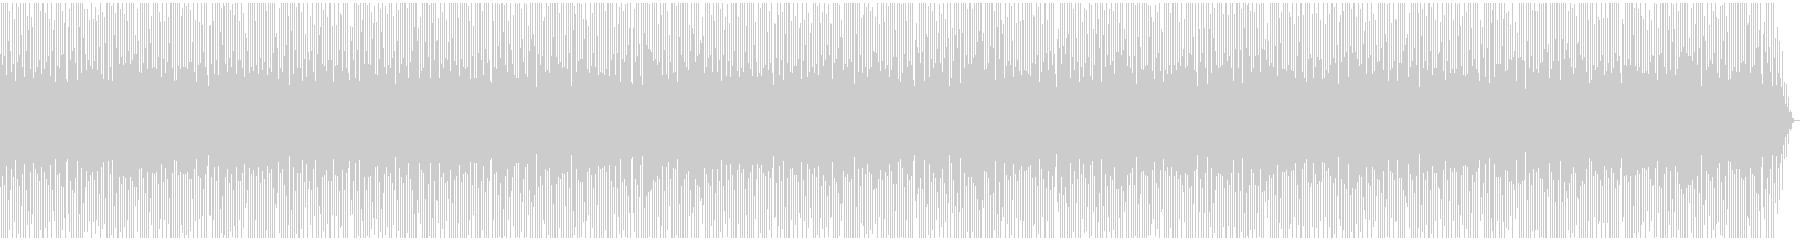 規律正しいリズムが爽やかな曲の未再生の波形